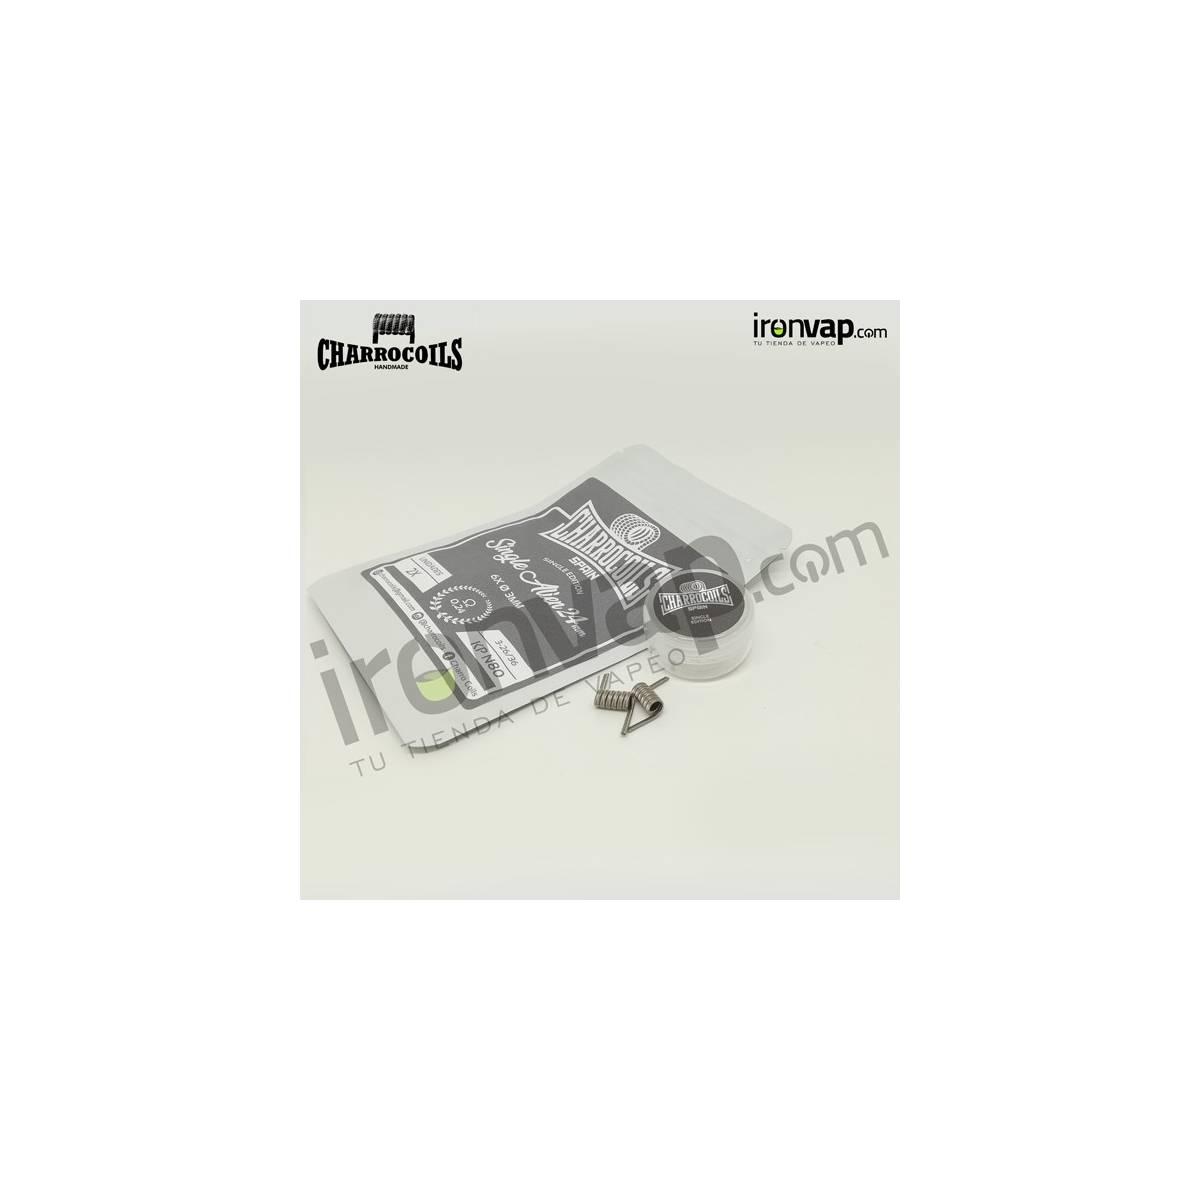 Single 24ga 0.24Ohm - Charro Coils